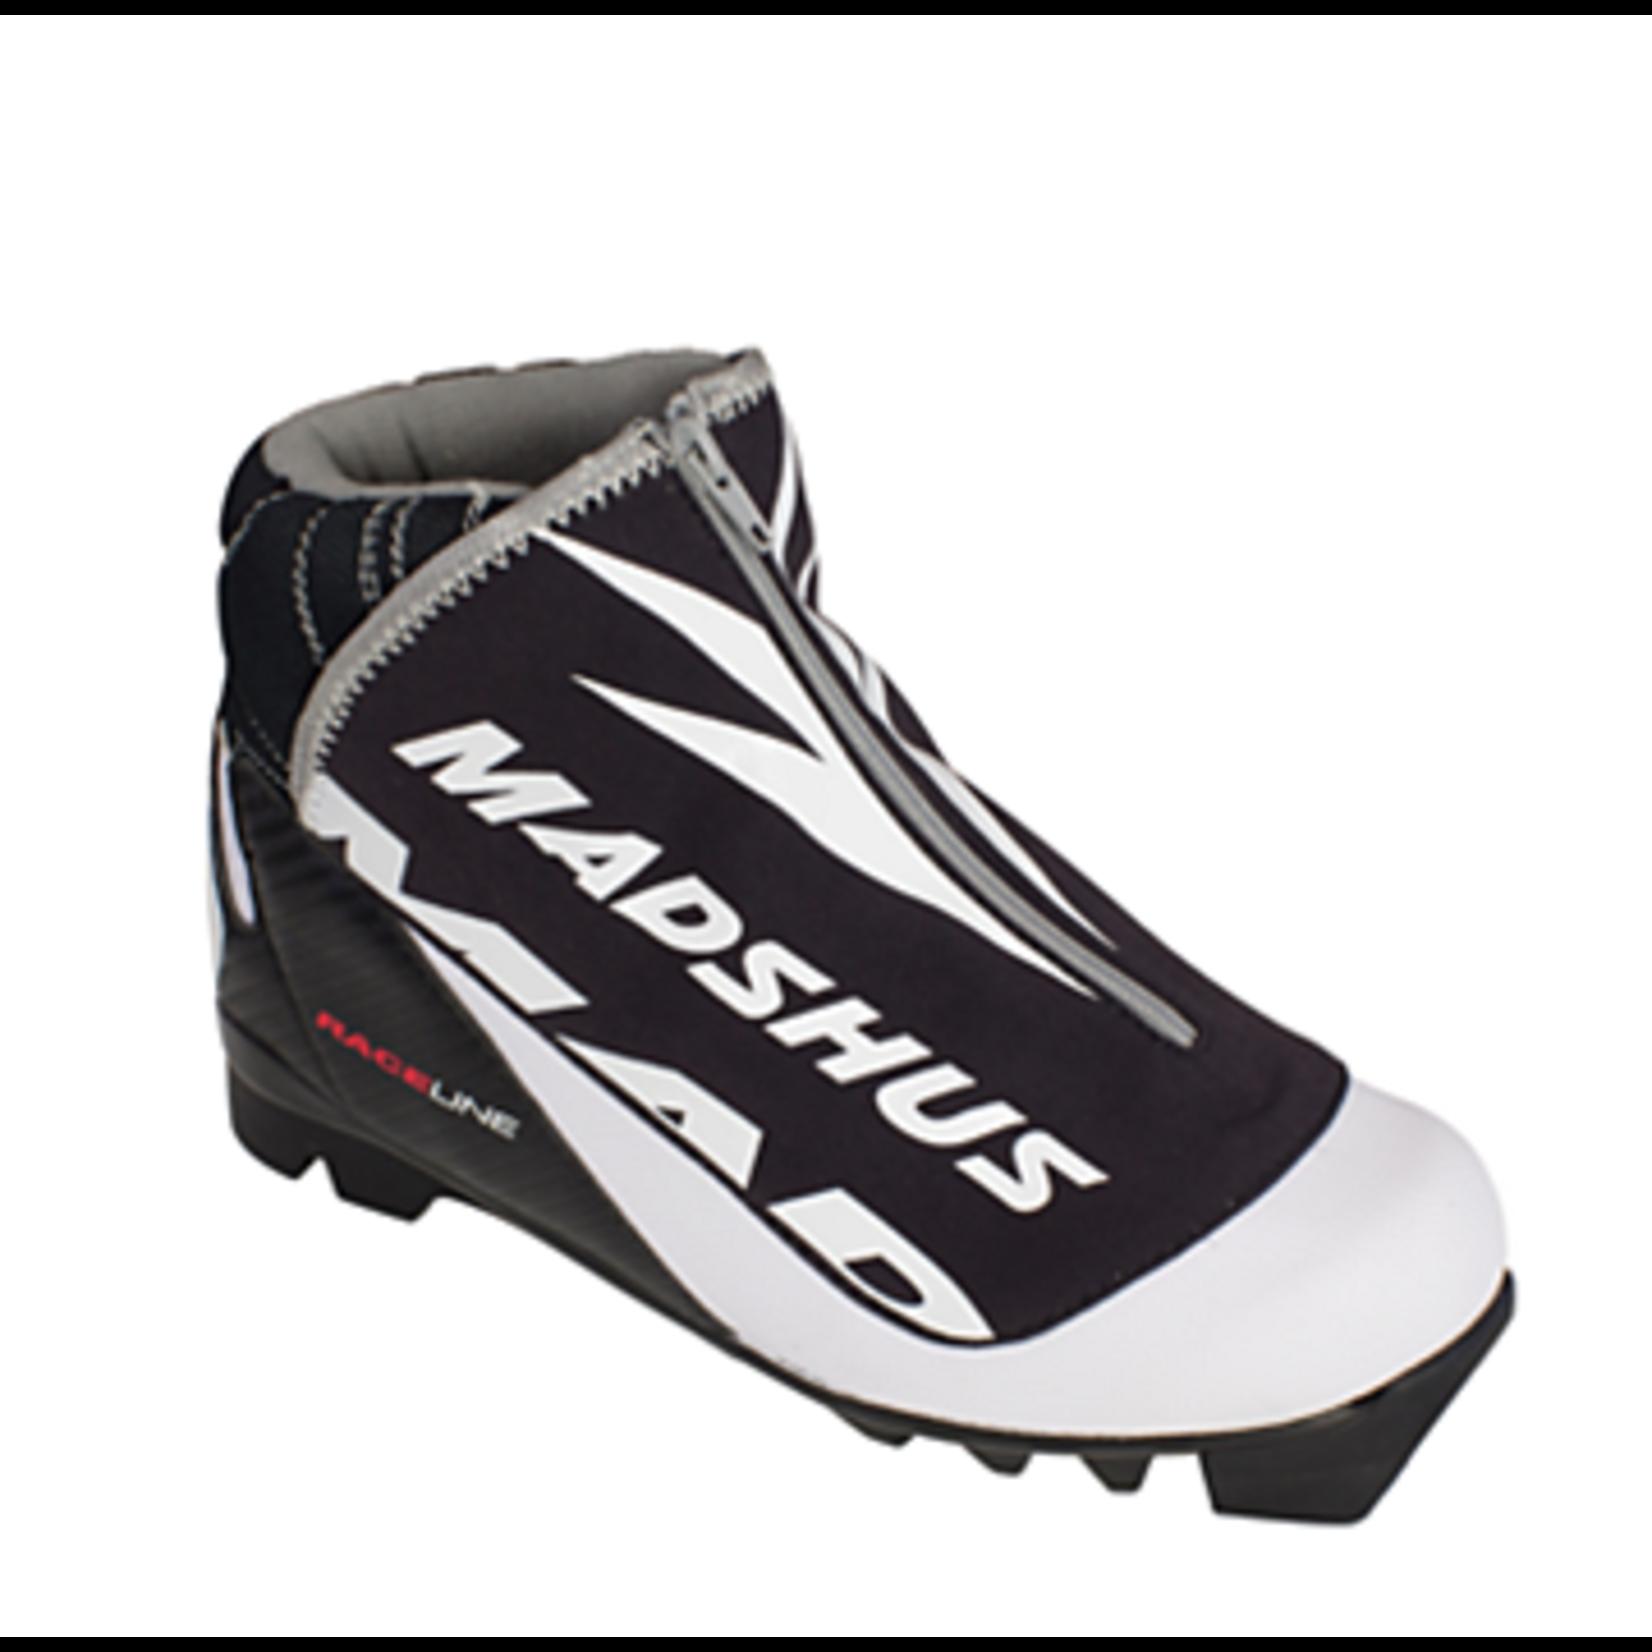 Madshus Madshus Raceline Junior Classic Boot